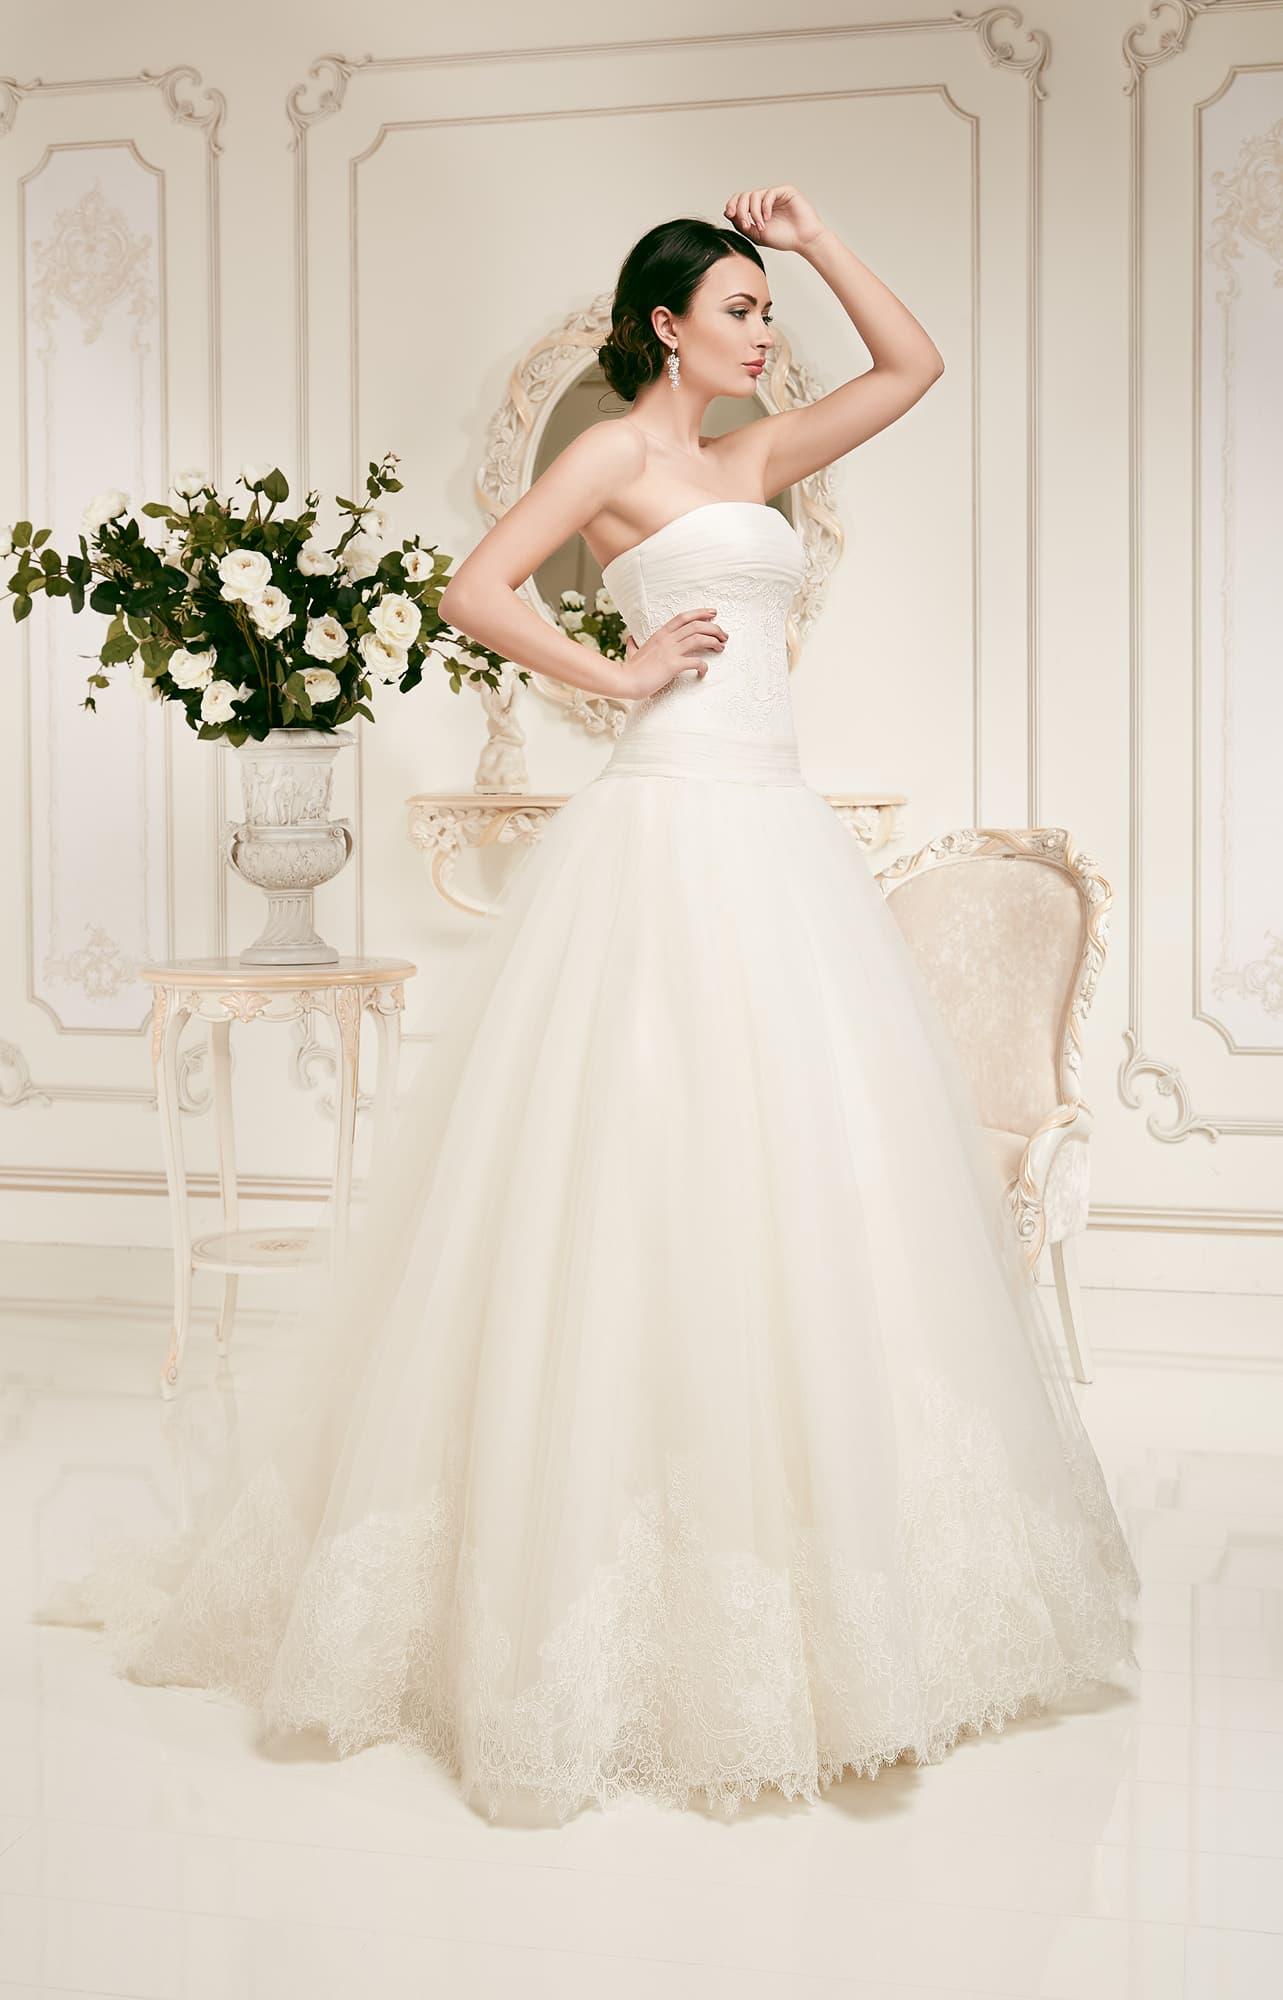 Свадебные платья, вечерние платья, аксессуары для невест, свадебный салон в Уфе